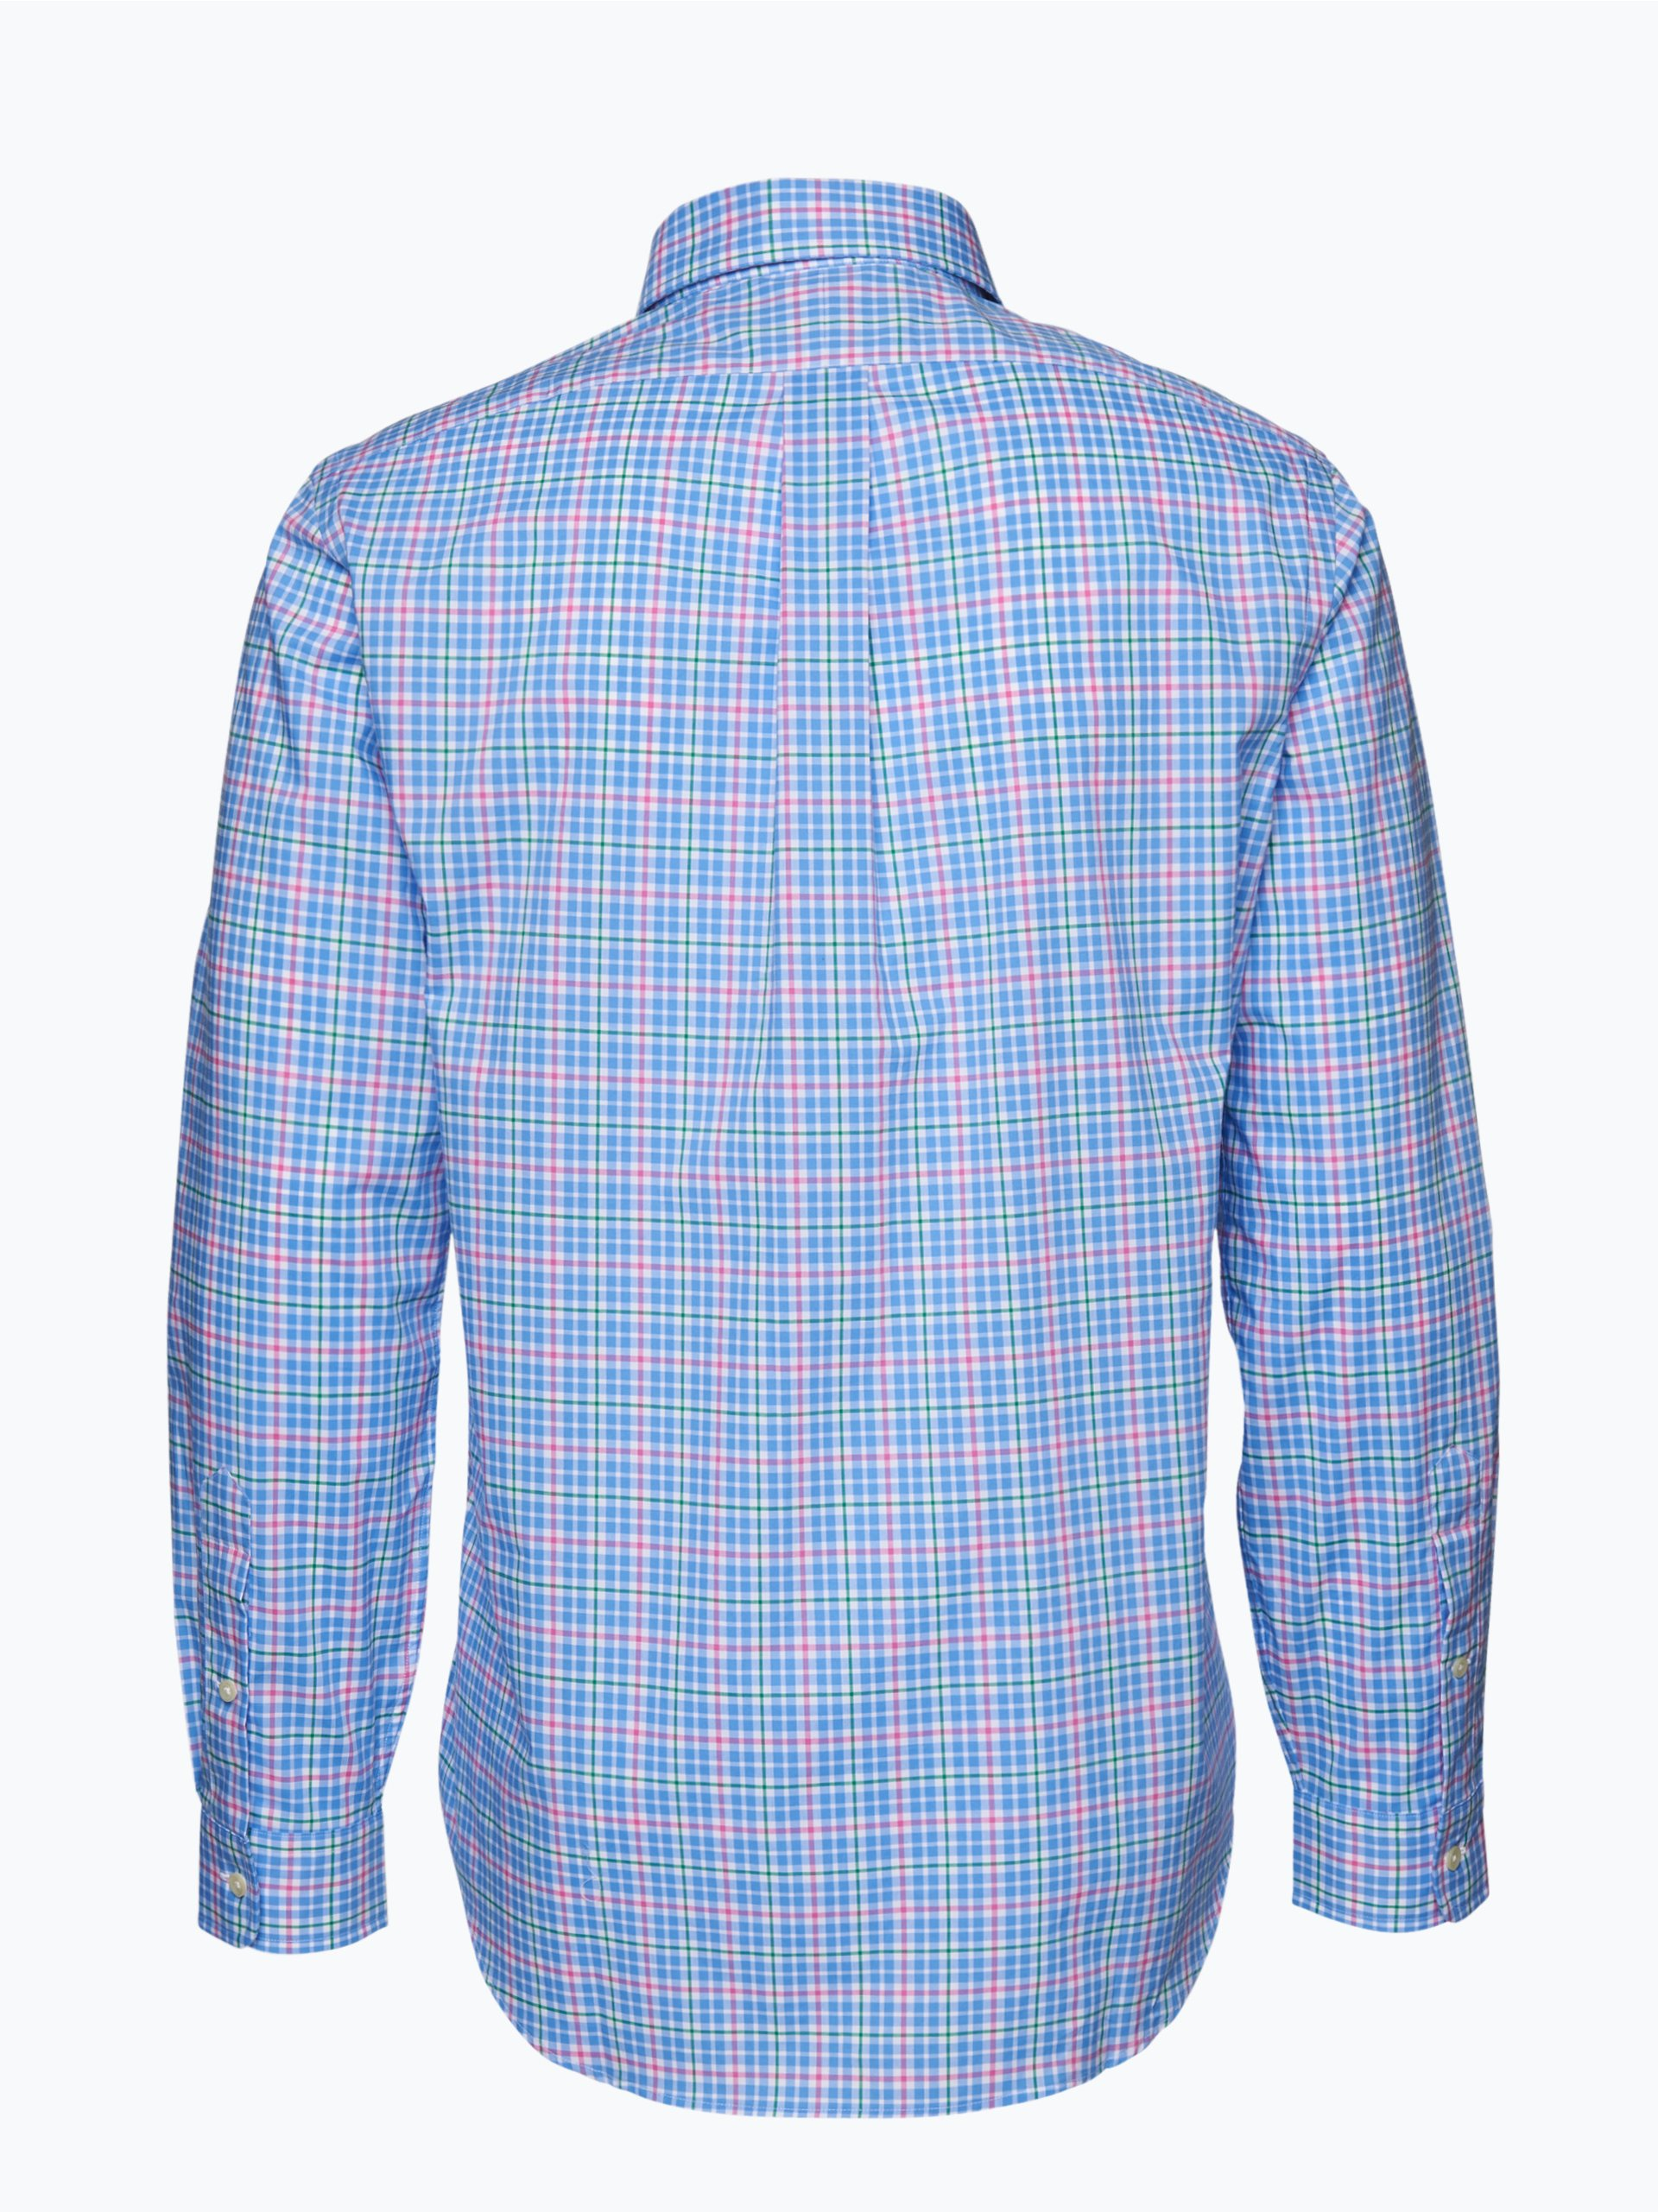 polo ralph lauren herren hemd blau pink kariert online kaufen vangraaf com. Black Bedroom Furniture Sets. Home Design Ideas